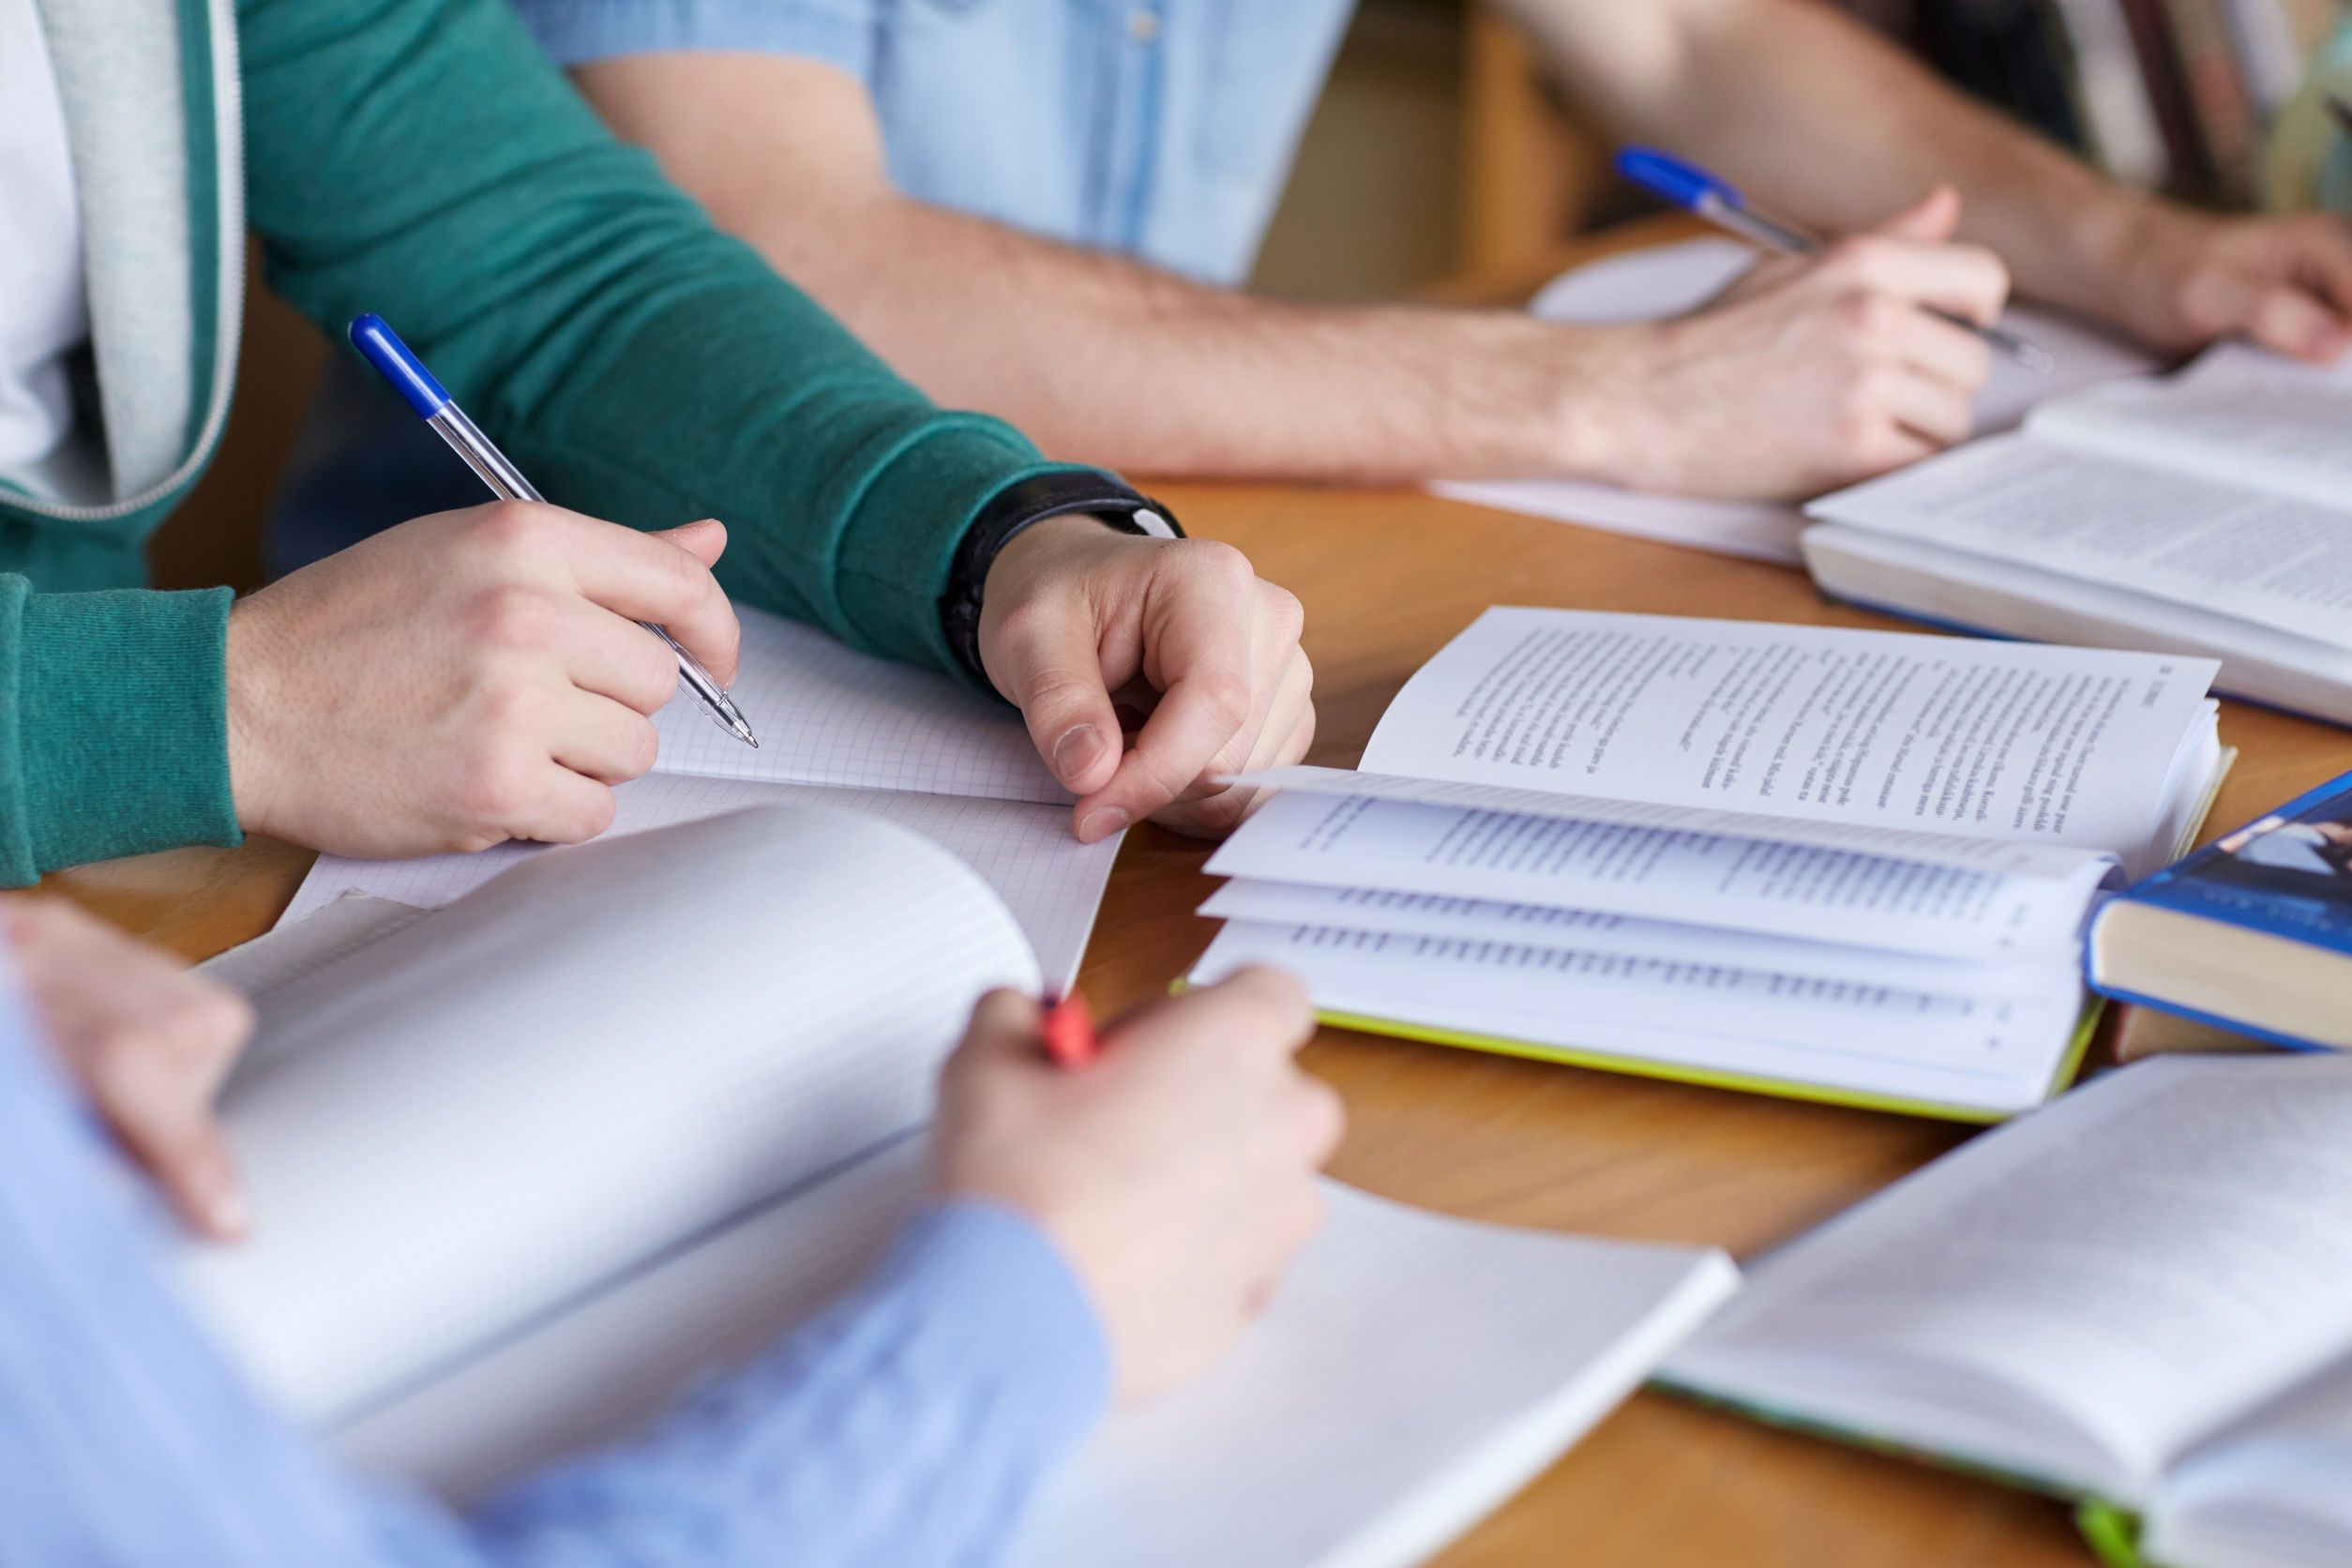 浙江大学特殊类型招生方式解读 高二、高三参考